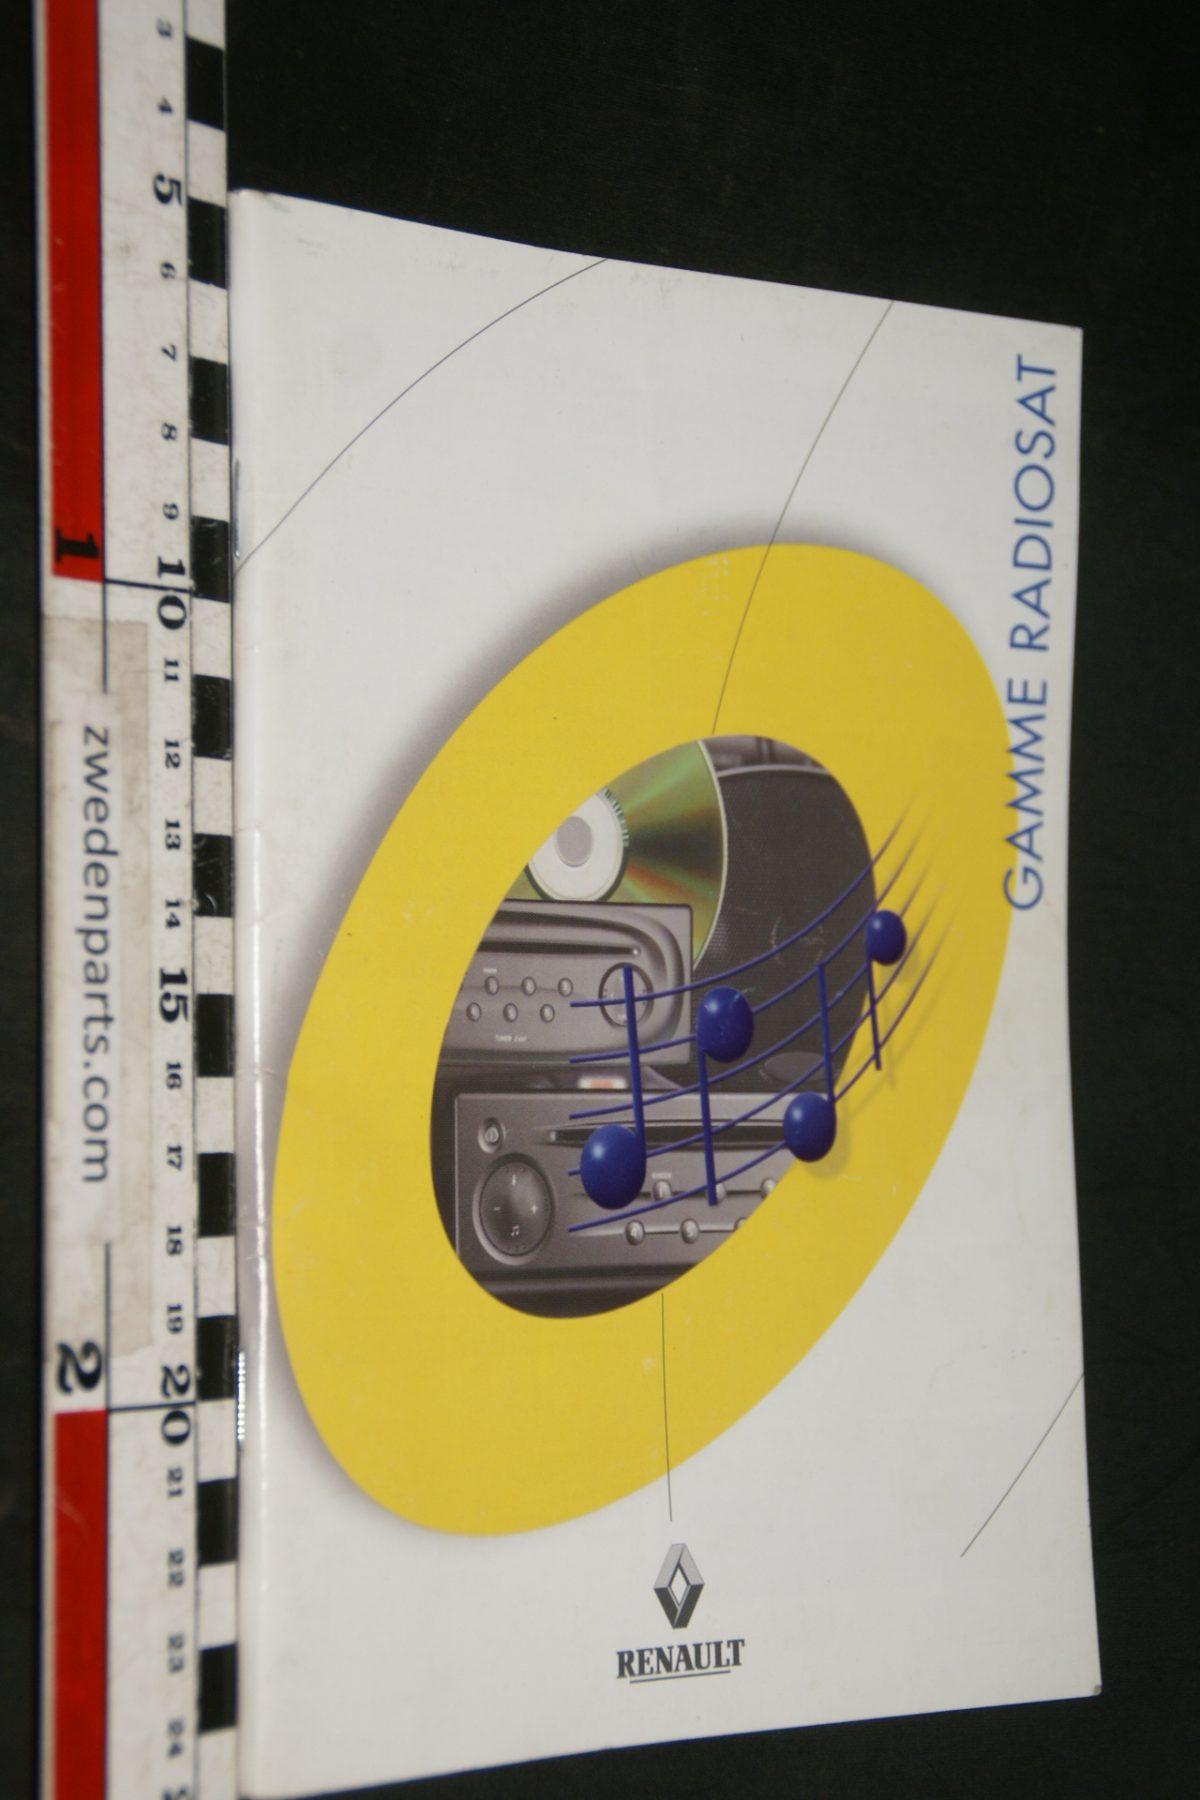 DSC04922 2001 Renault Radio brochure